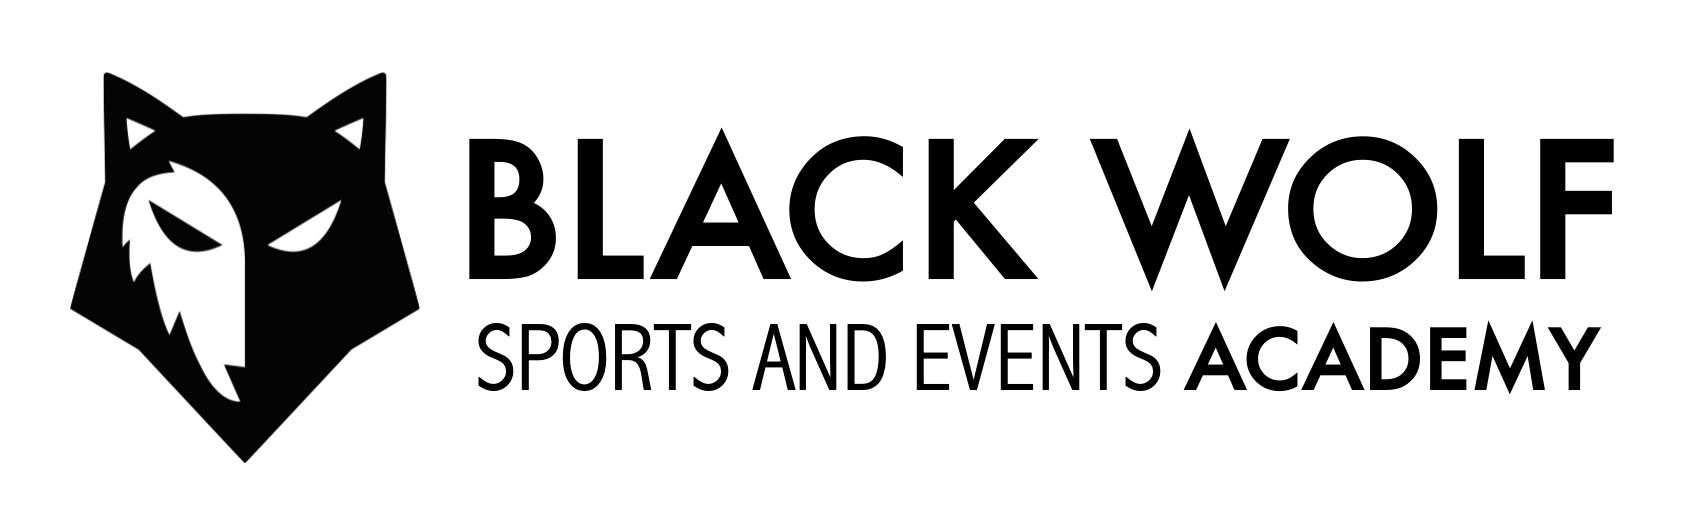 BlackWolfAcademy